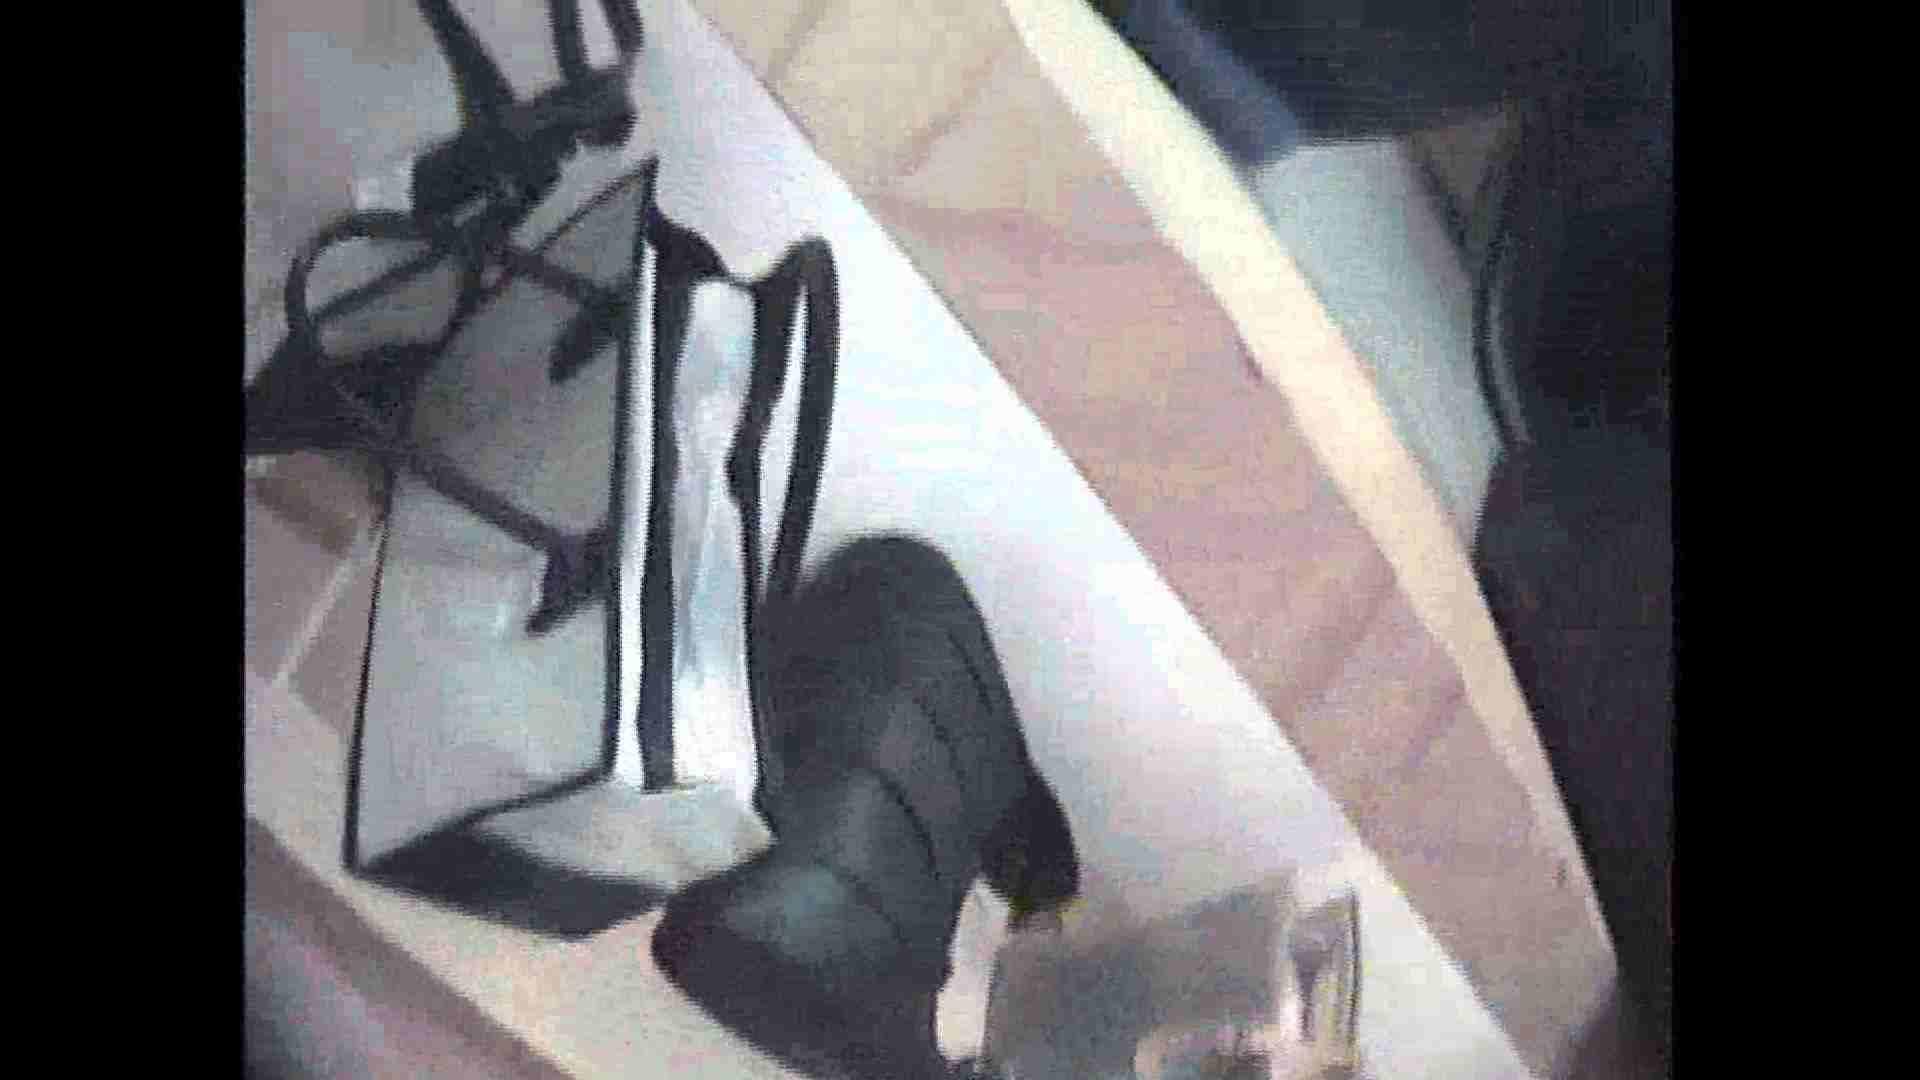 働く美女の谷間参拝 Vol.26 おっぱい特集 オマンコ動画キャプチャ 62pic 53